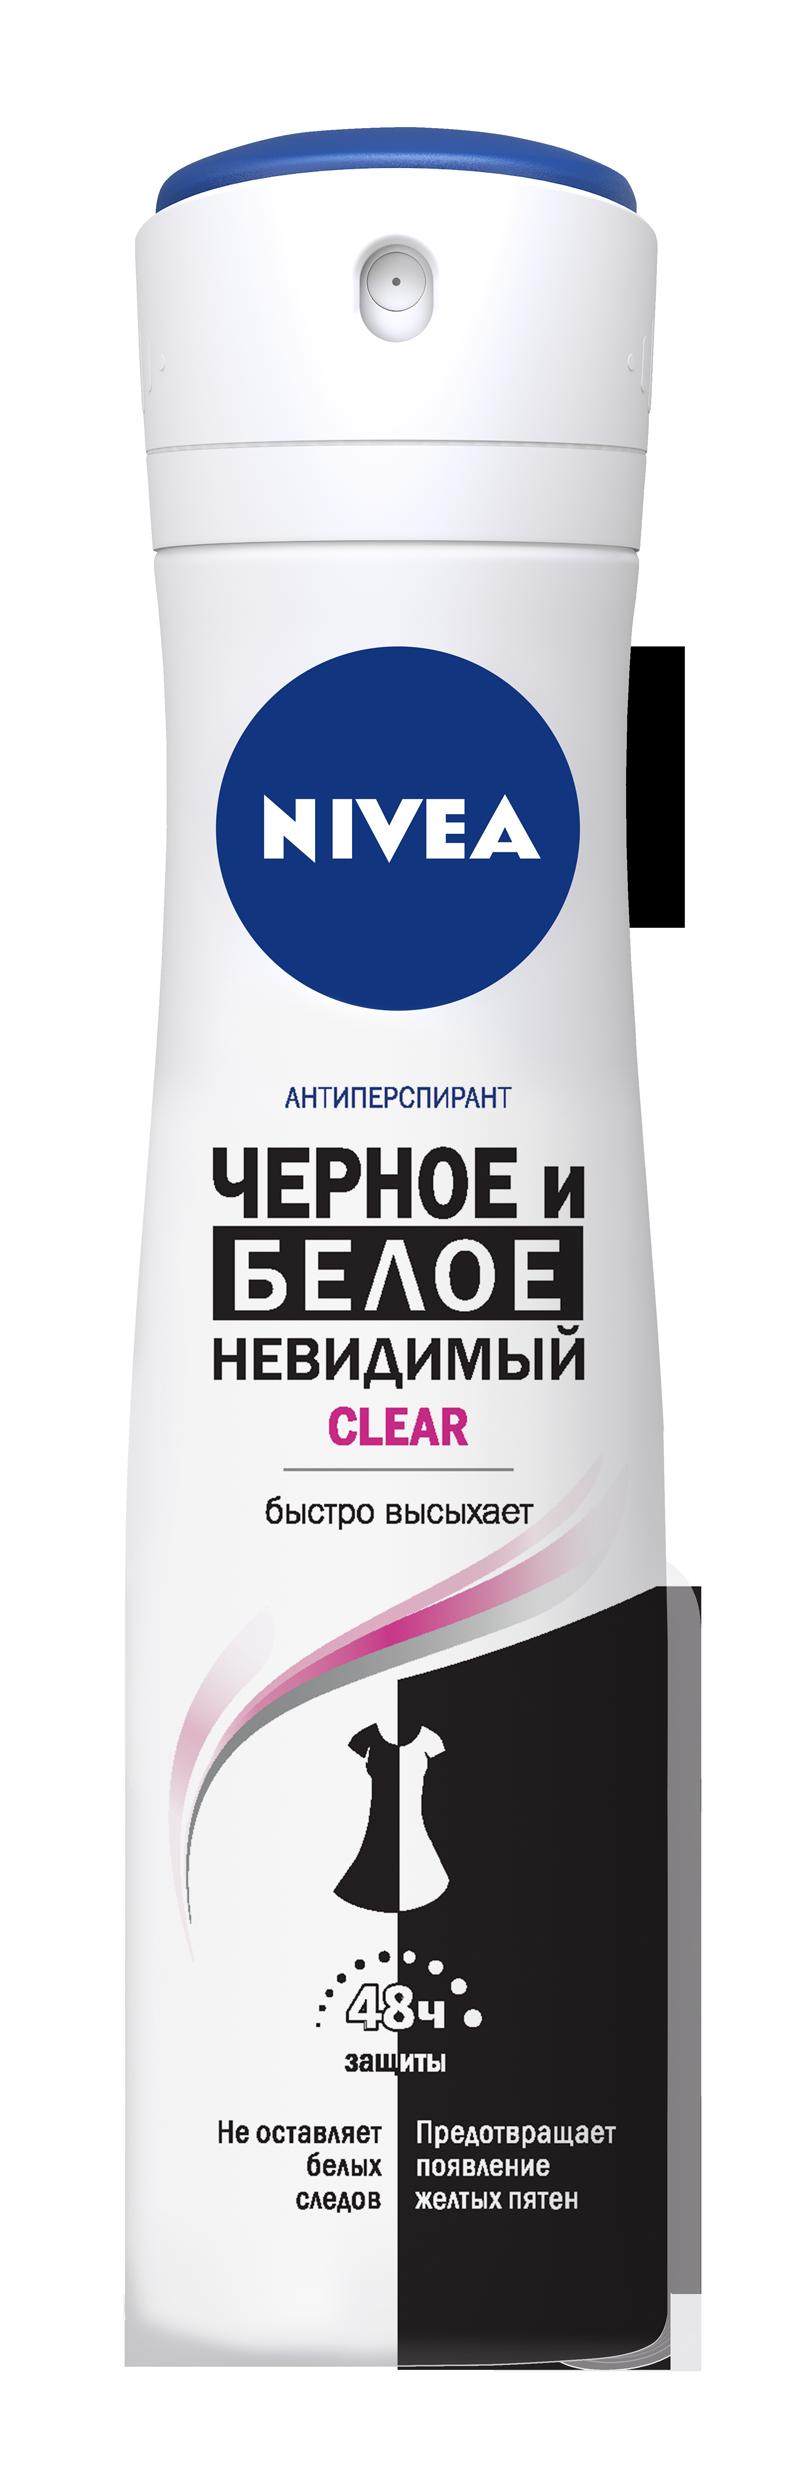 Купить Антиперспирант Nivea Спрей женский Невидимая защита для черного и белого Клер 150мл, невидимая защита для черного и белого 150 мл